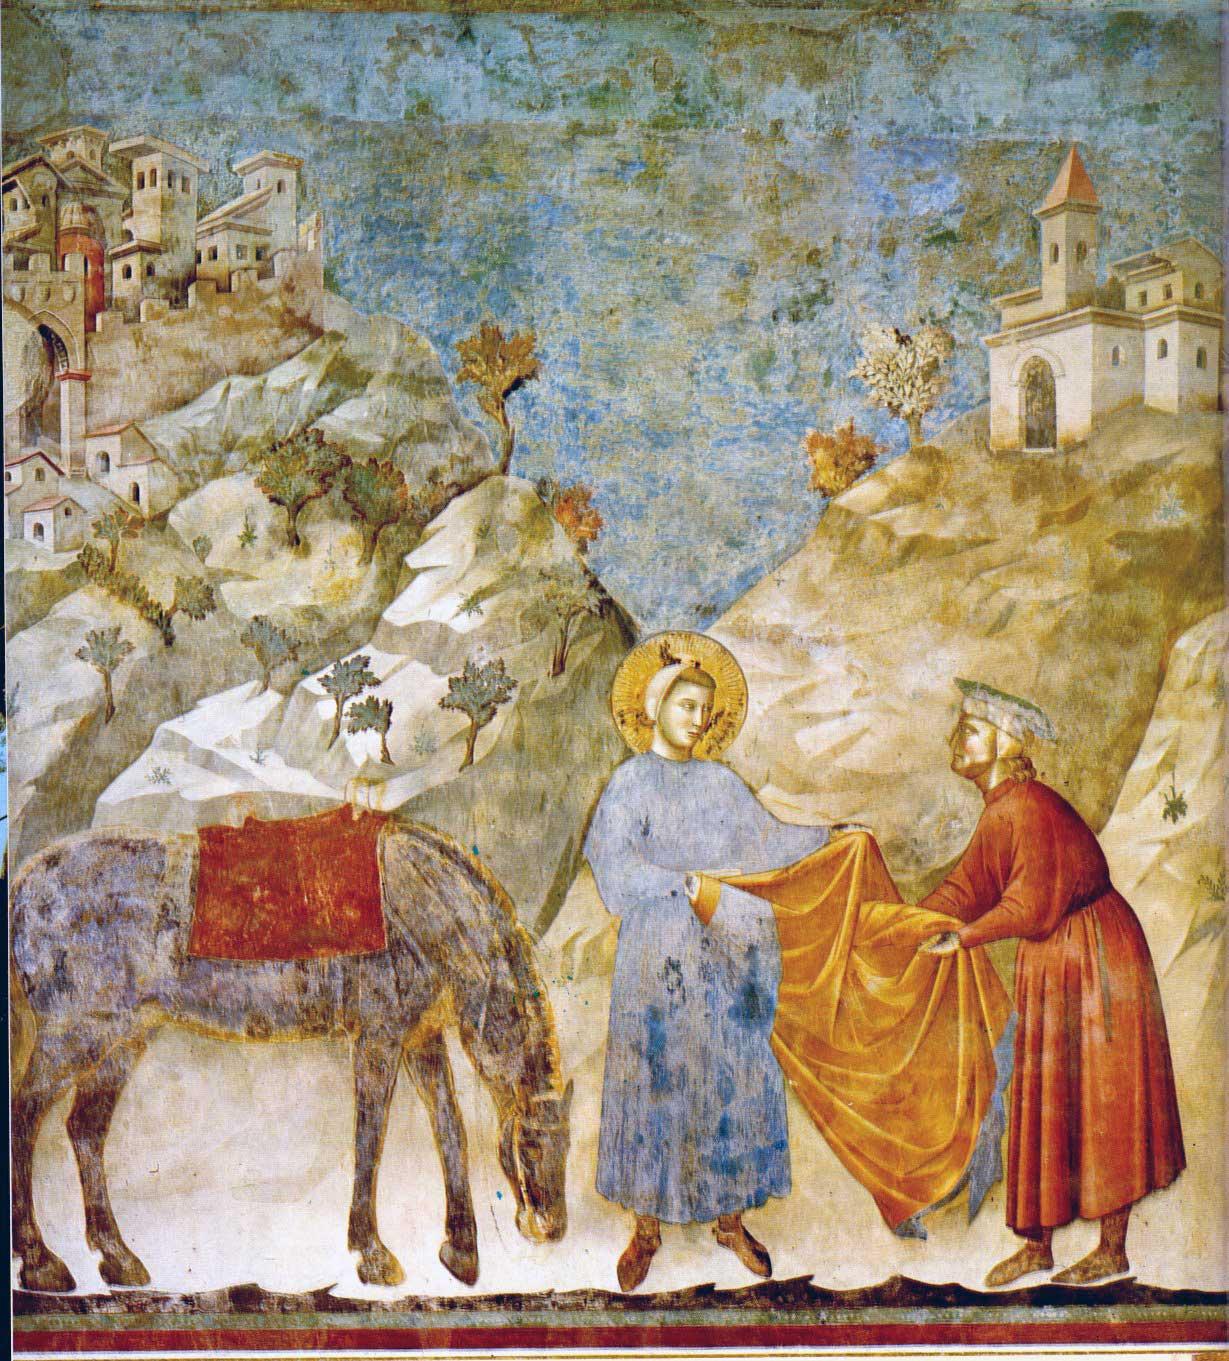 Giotto, Engel und Tugenden Bild als Poster und